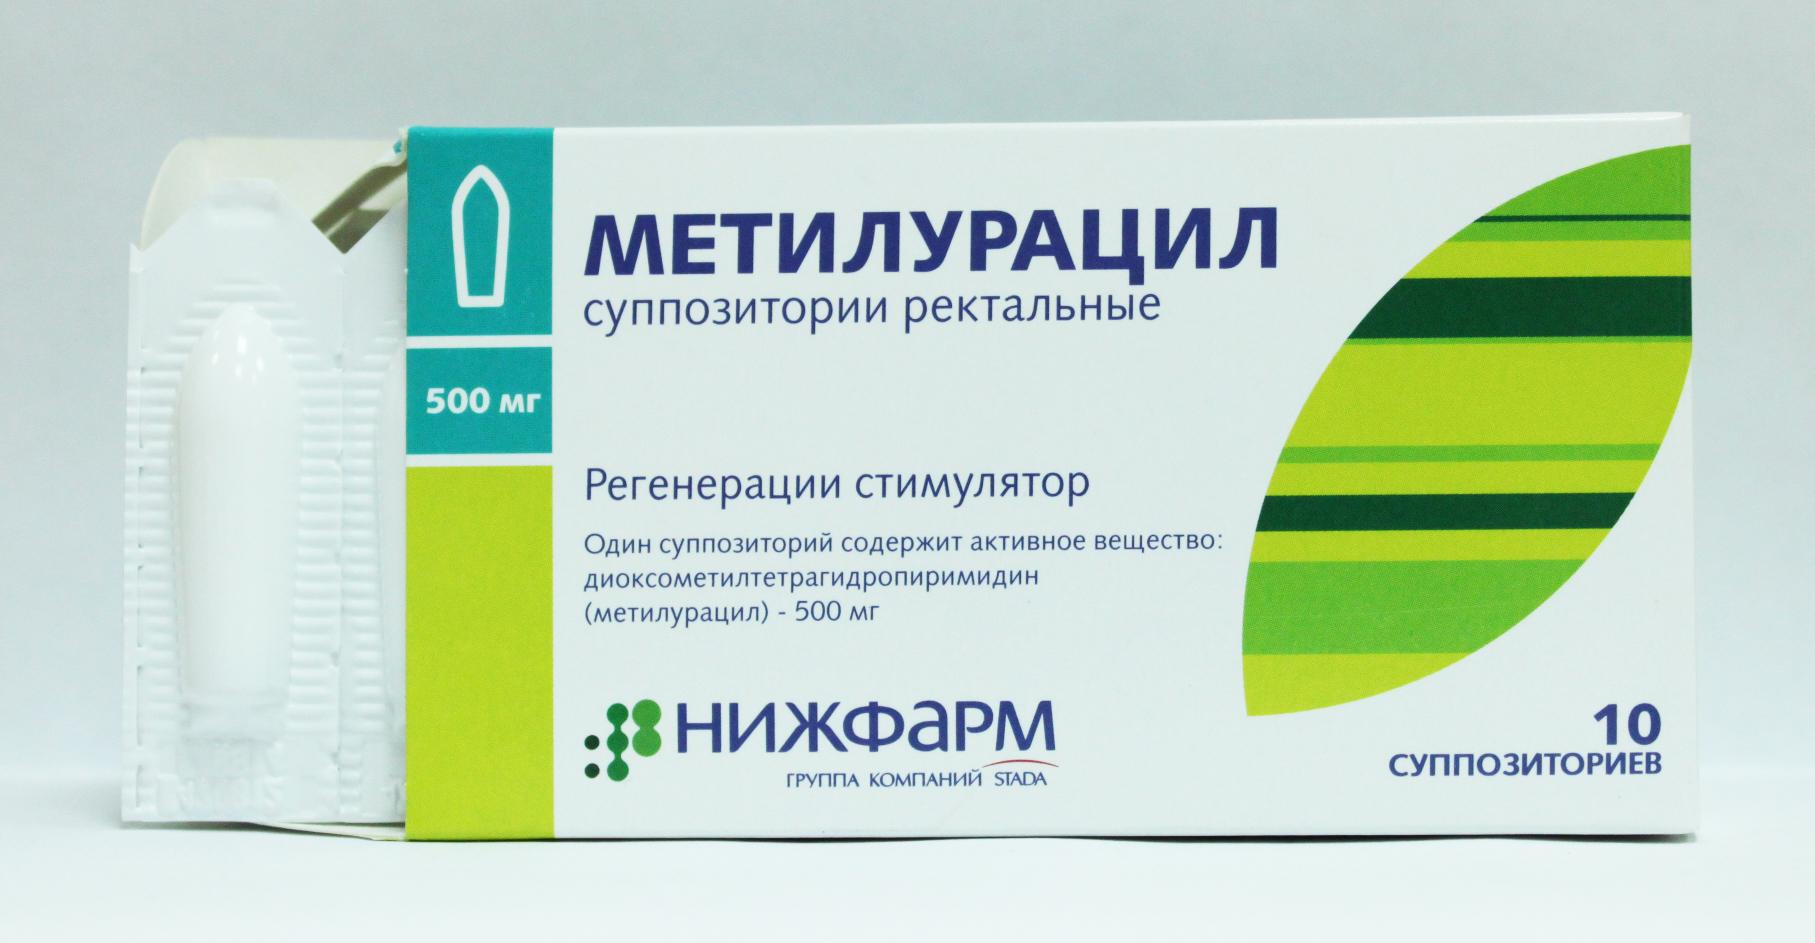 Свечи при простатите: показания и противопоказания, список эффективных препаратов, отзывы